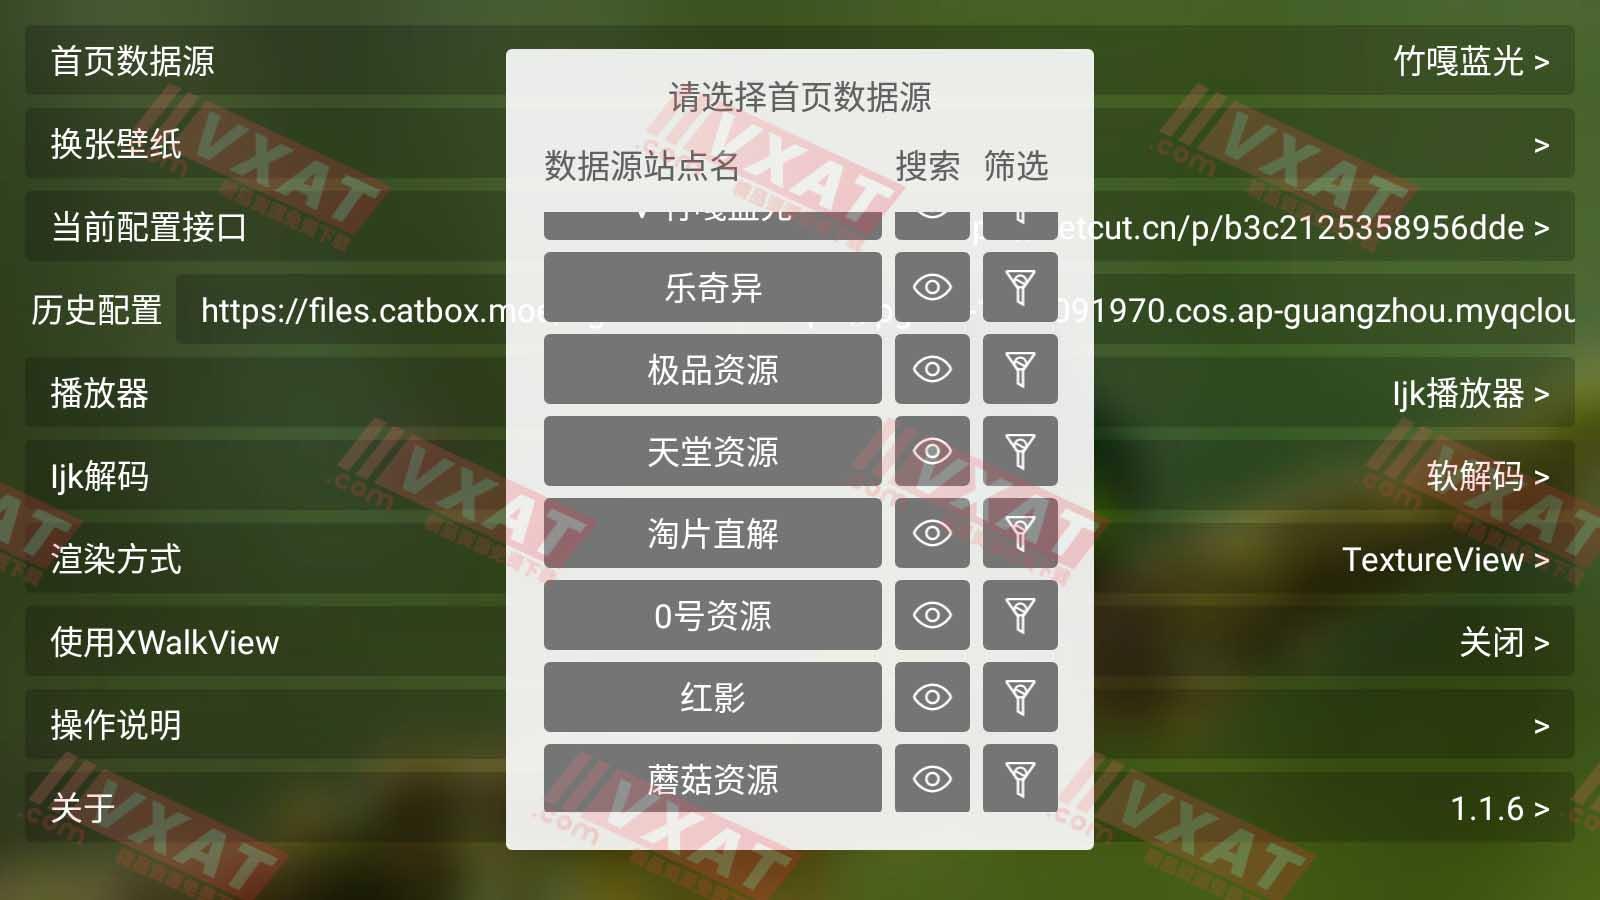 猫影视TV_v2.0.4 电视官方版 新增数据源 第2张